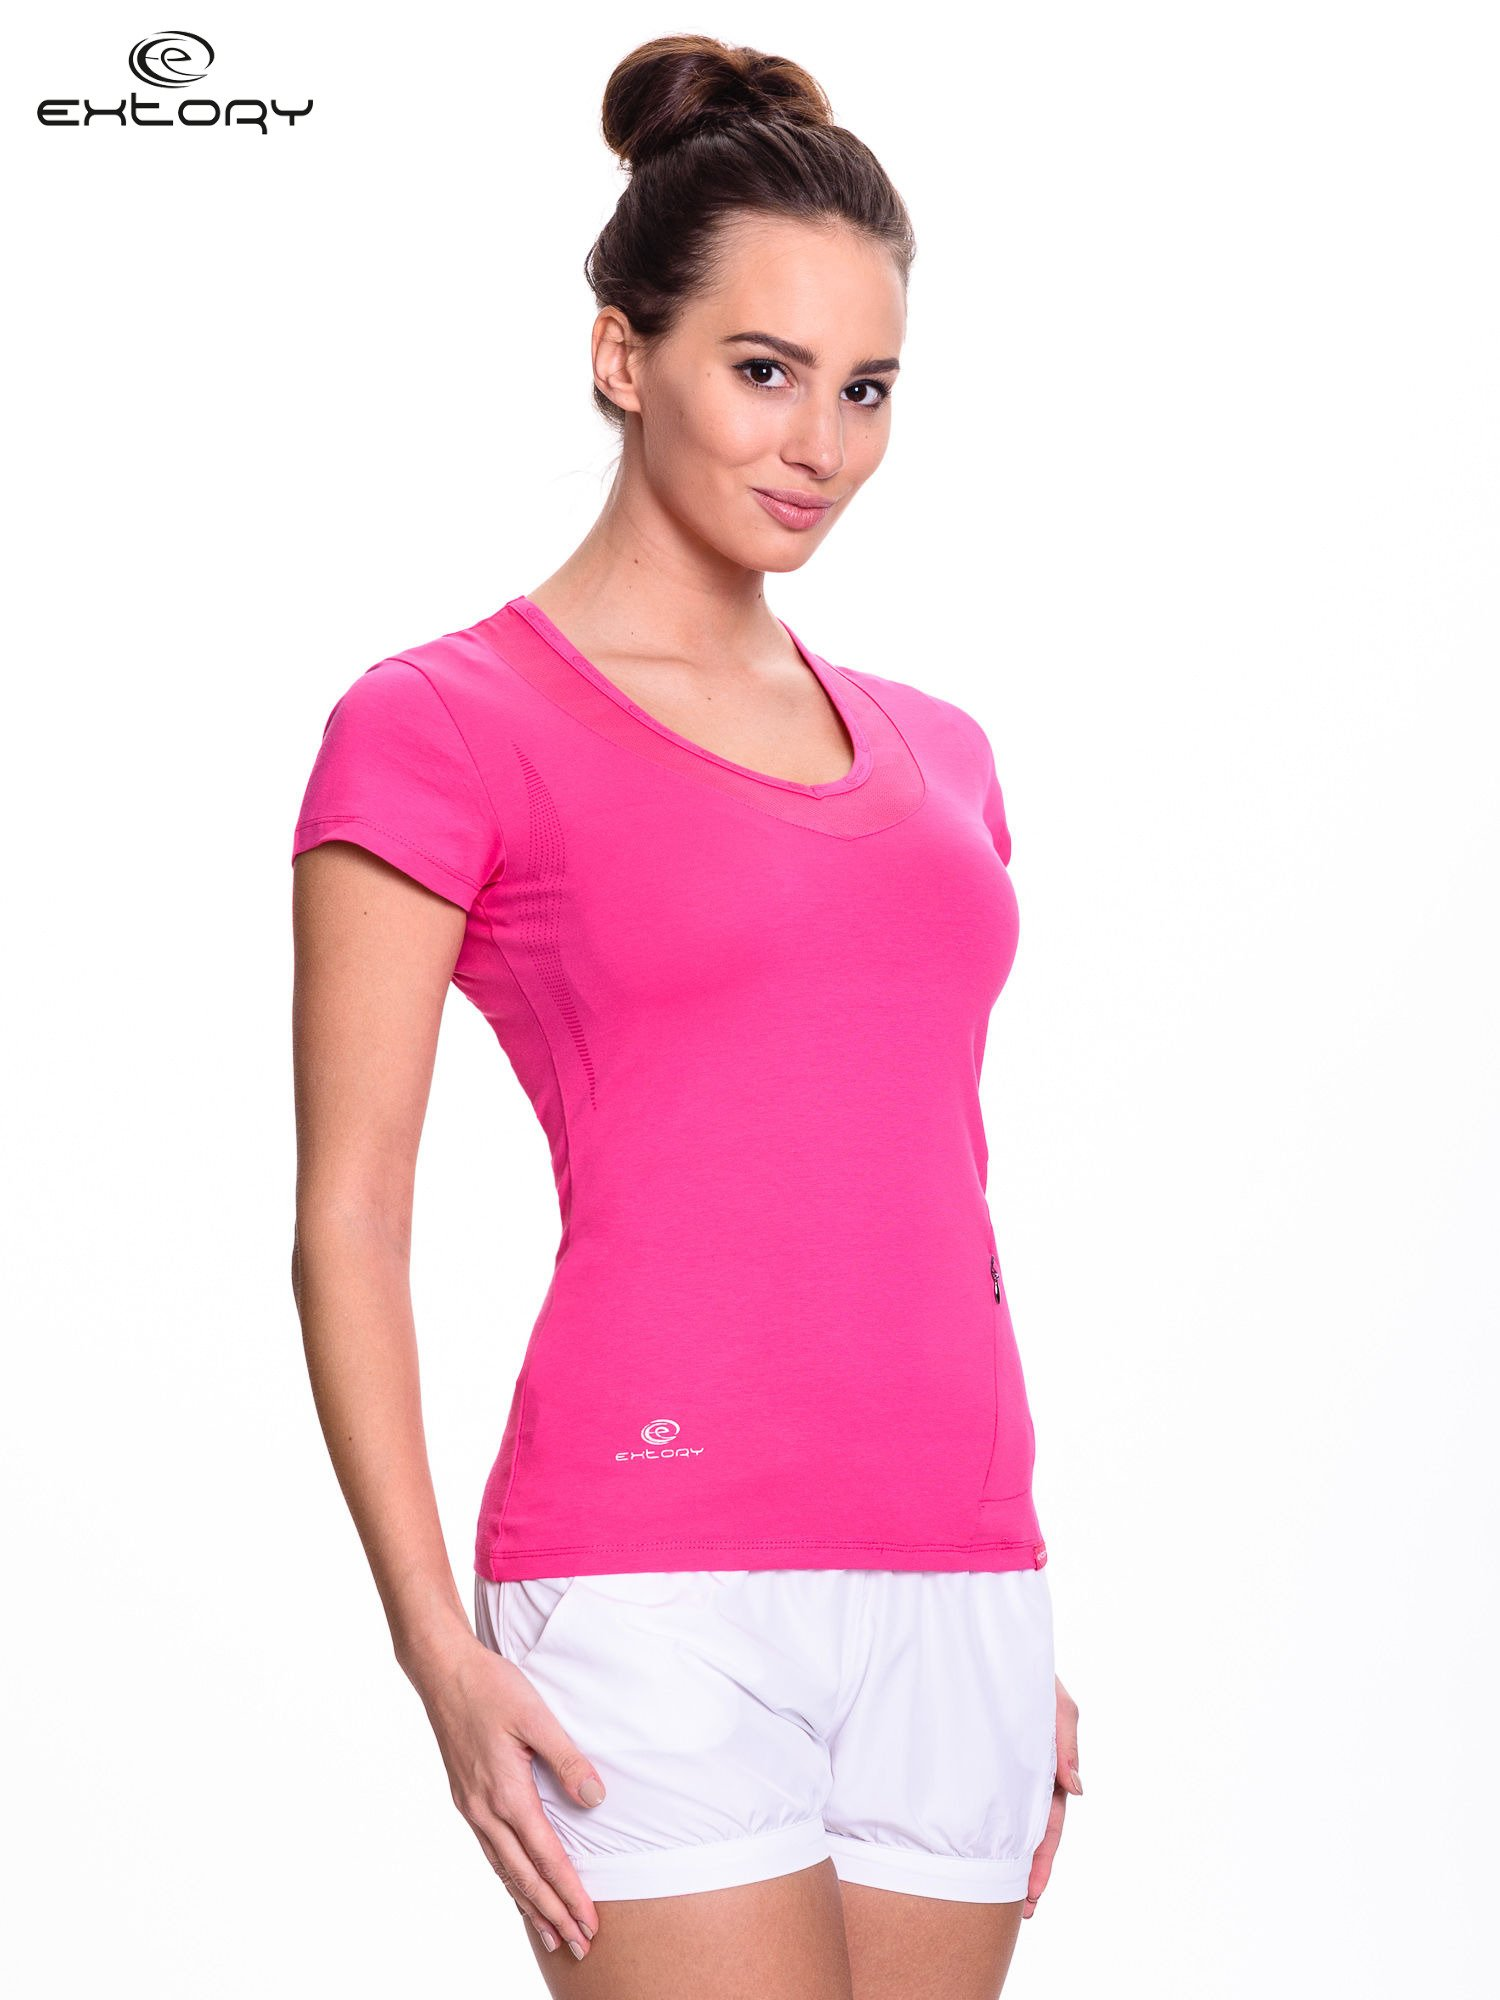 Różowy t-shirt sportowy z przeszyciem przy dekolcie i kieszonką                                  zdj.                                  3